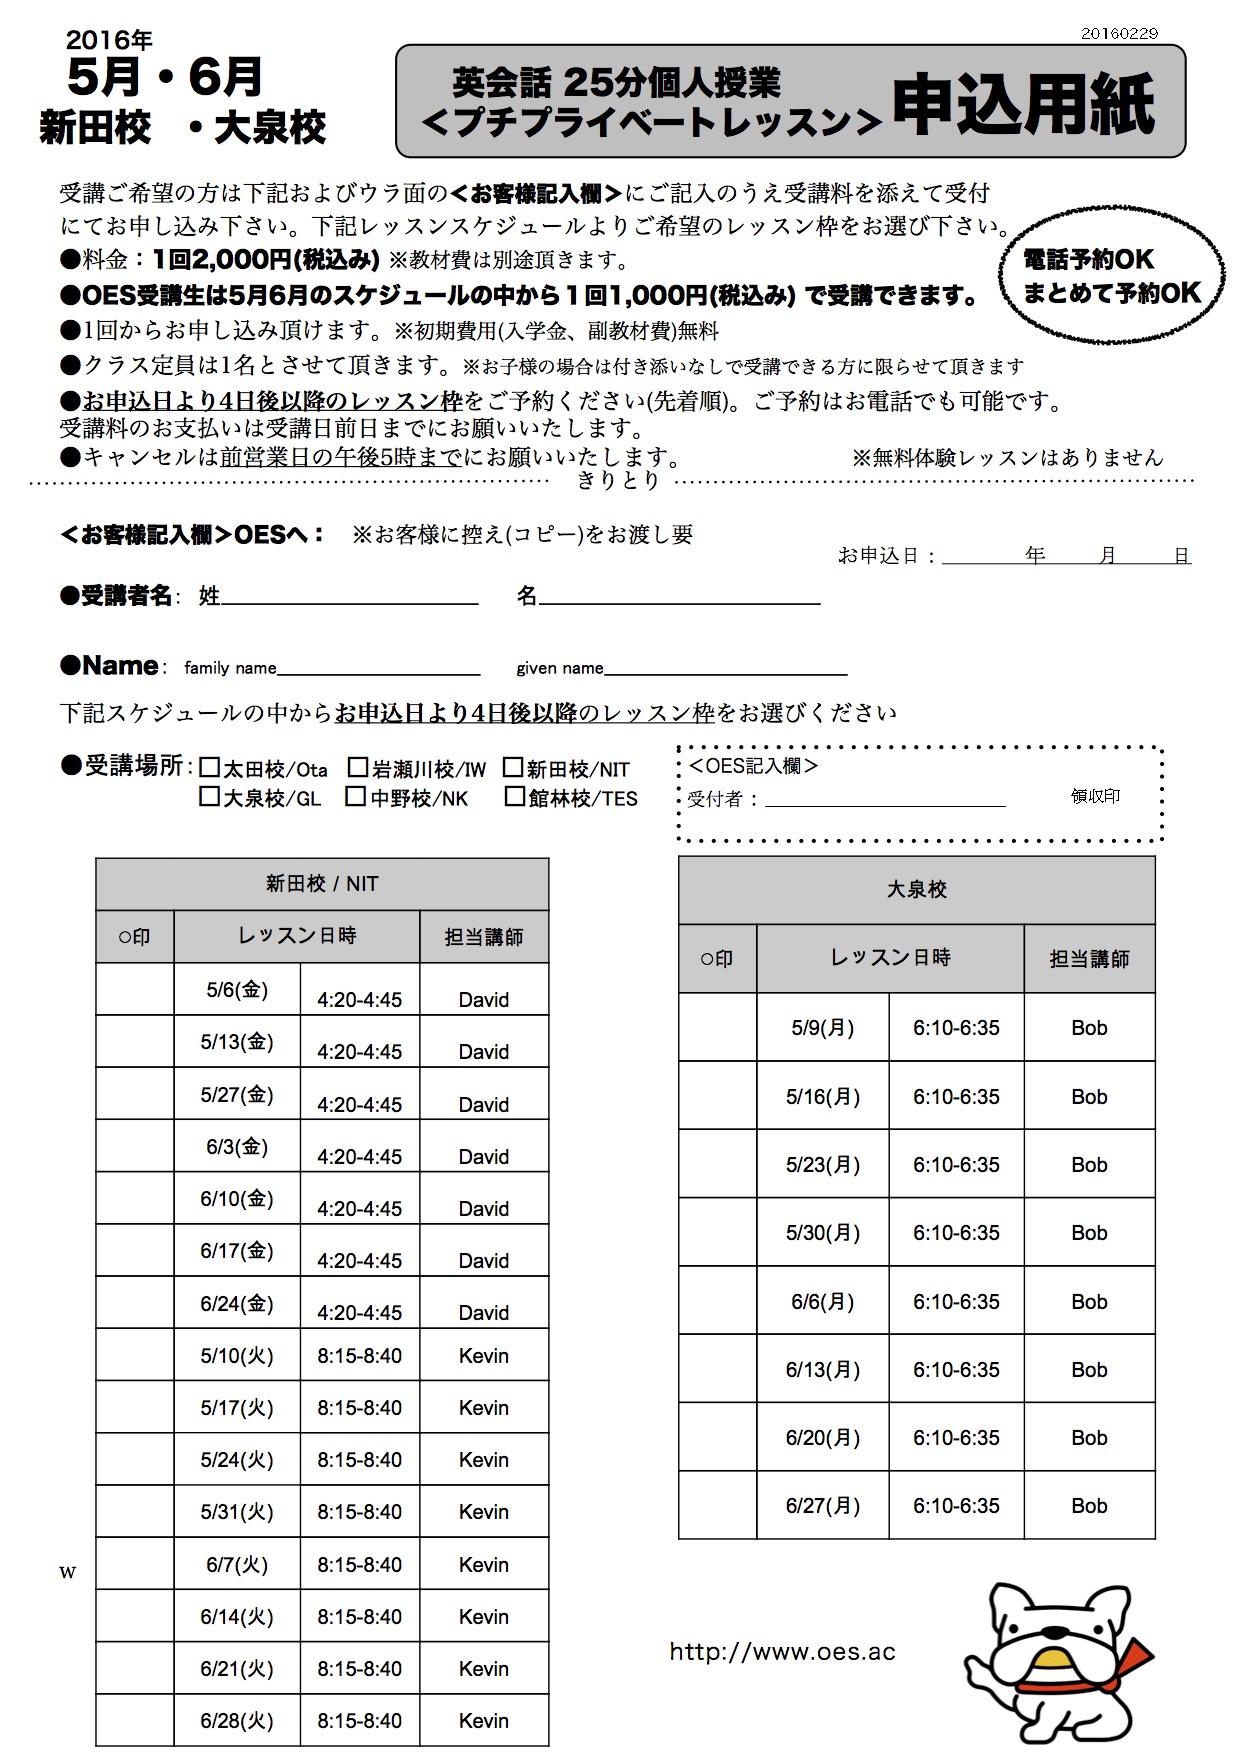 5月6月新田校/大泉校プチプライベートレッスン申込用紙